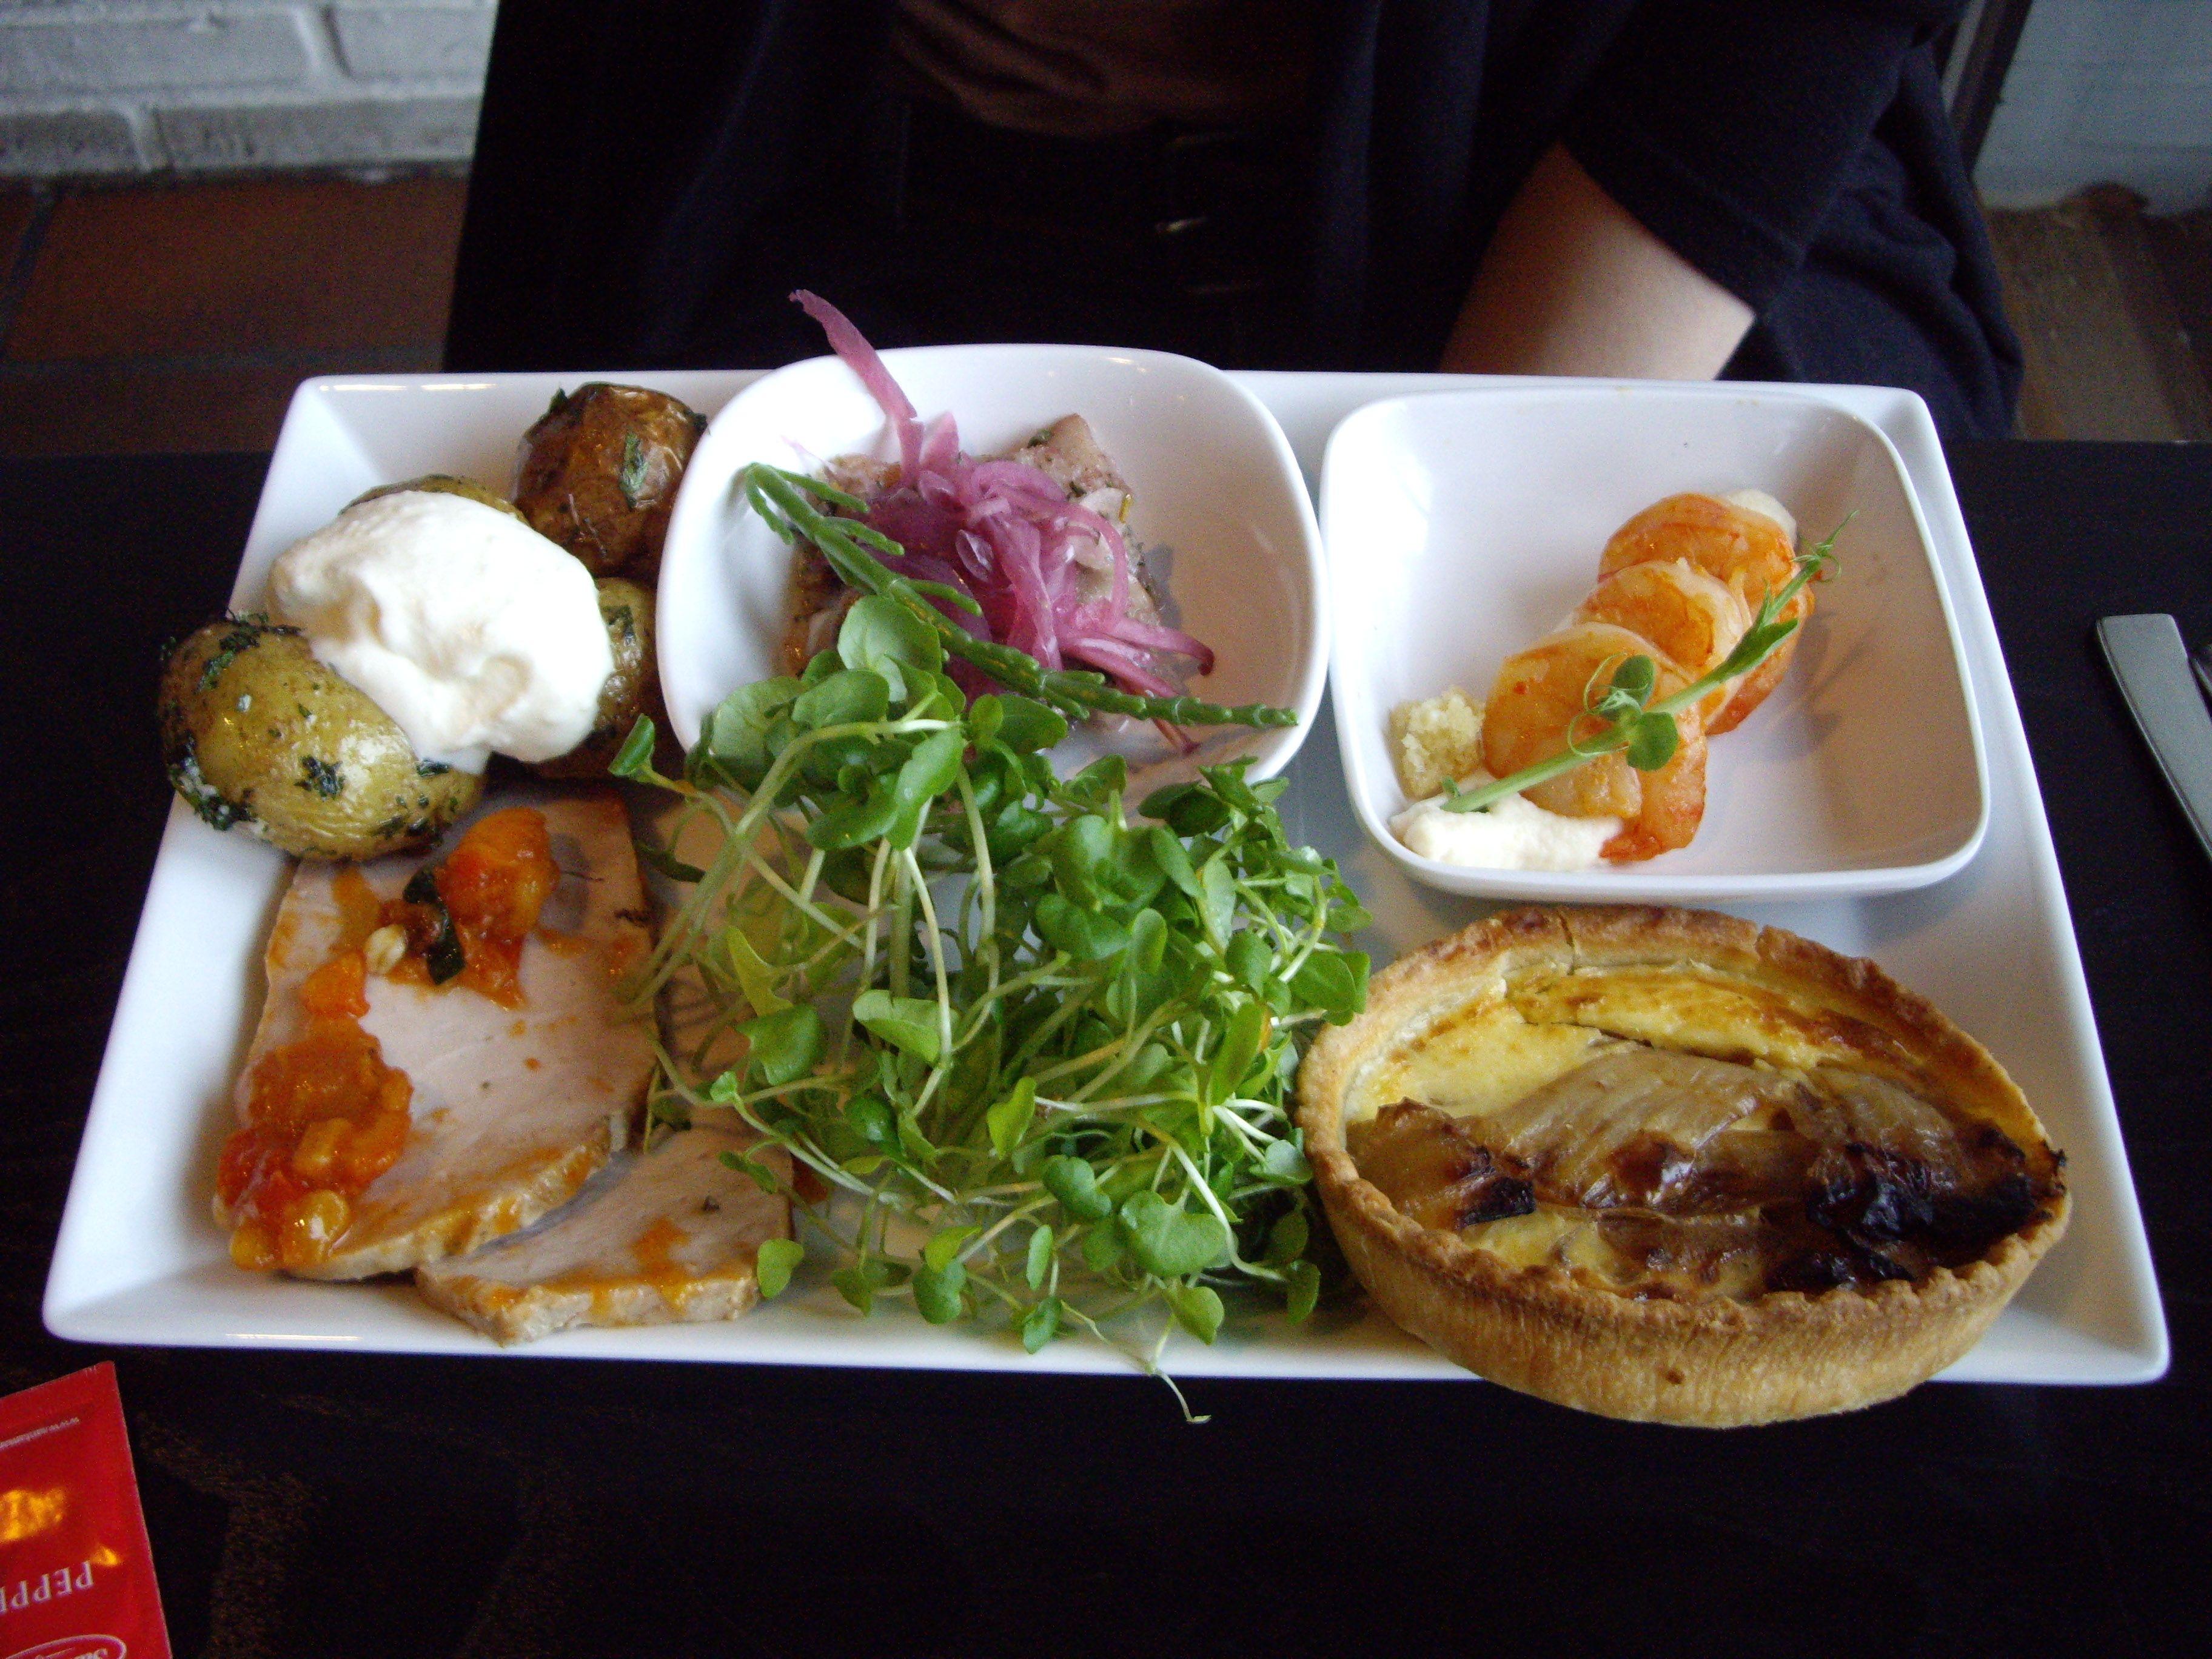 I Love The Colors In Scandinavian Food Food And Drink Scandinavian Food